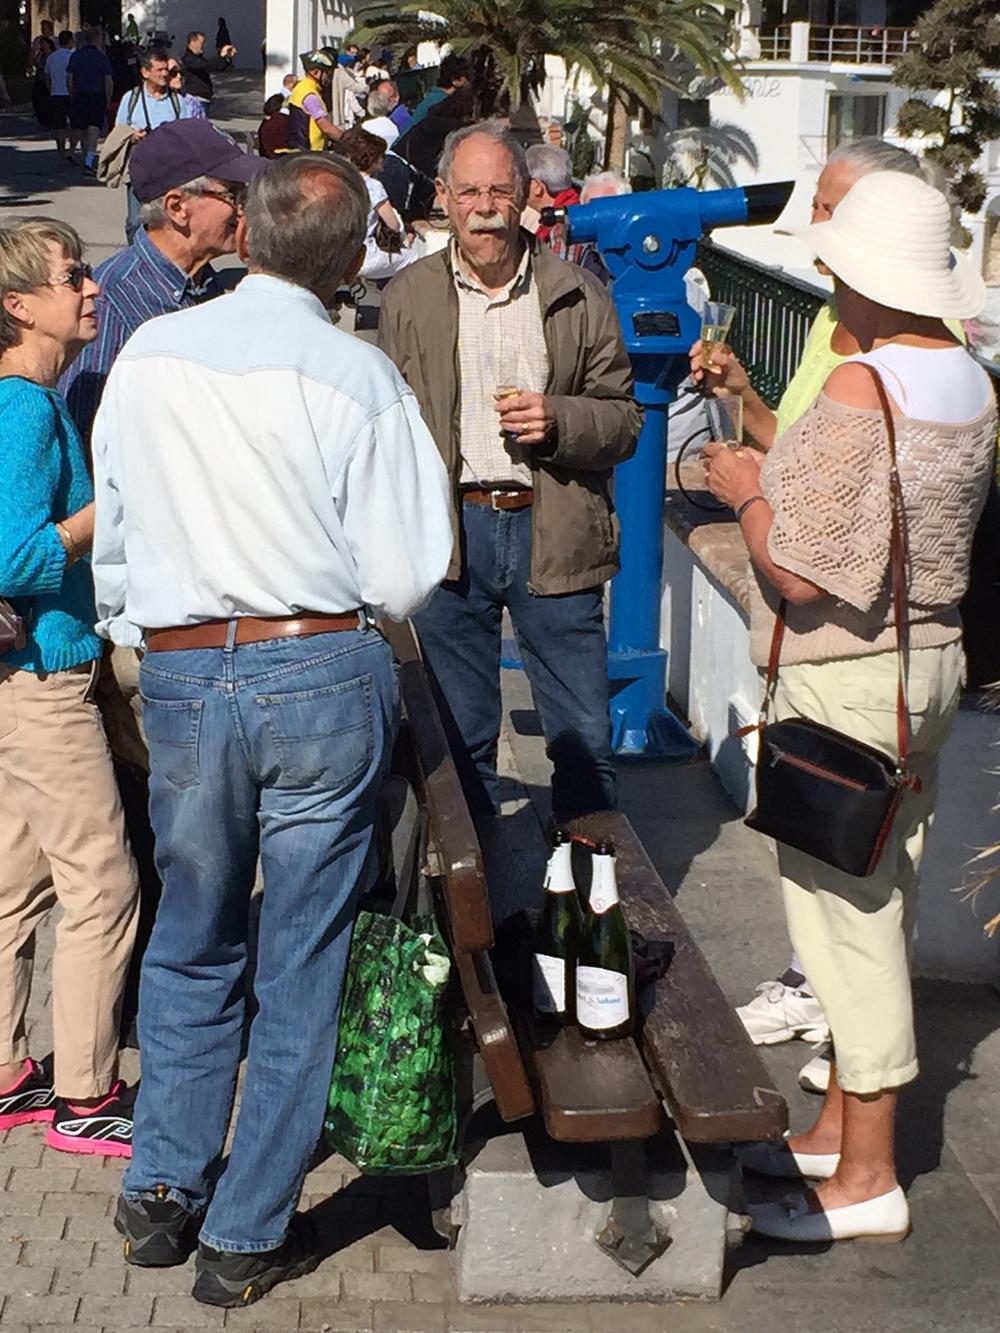 Det går an å ta seg eit glas vin på offentleg stad, ser det ut til.